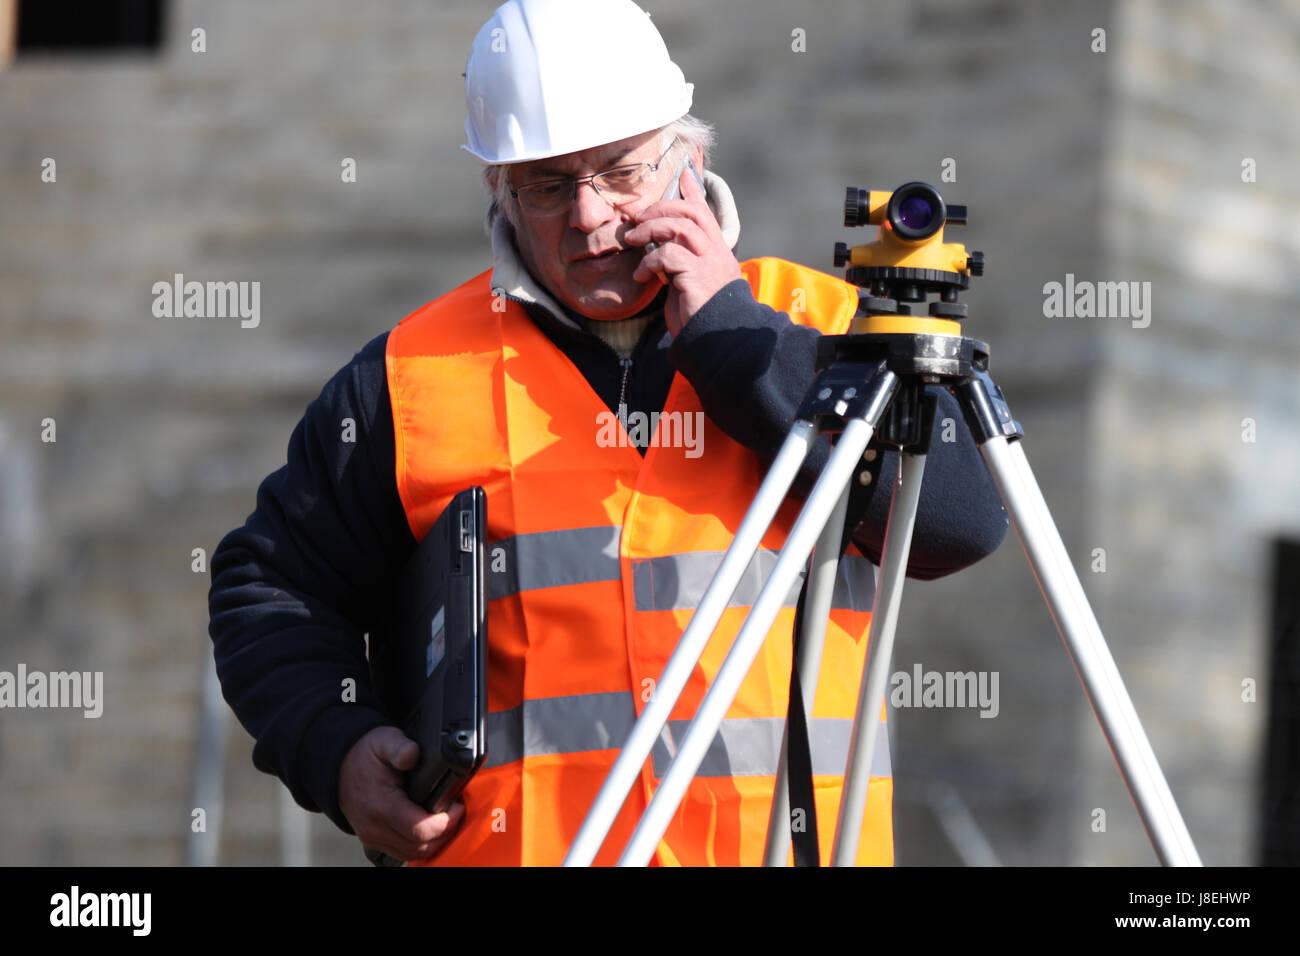 La précision, la cartographie, fournisseur, entrepreneur, constructeur, construction, l'objectif, Photo Stock